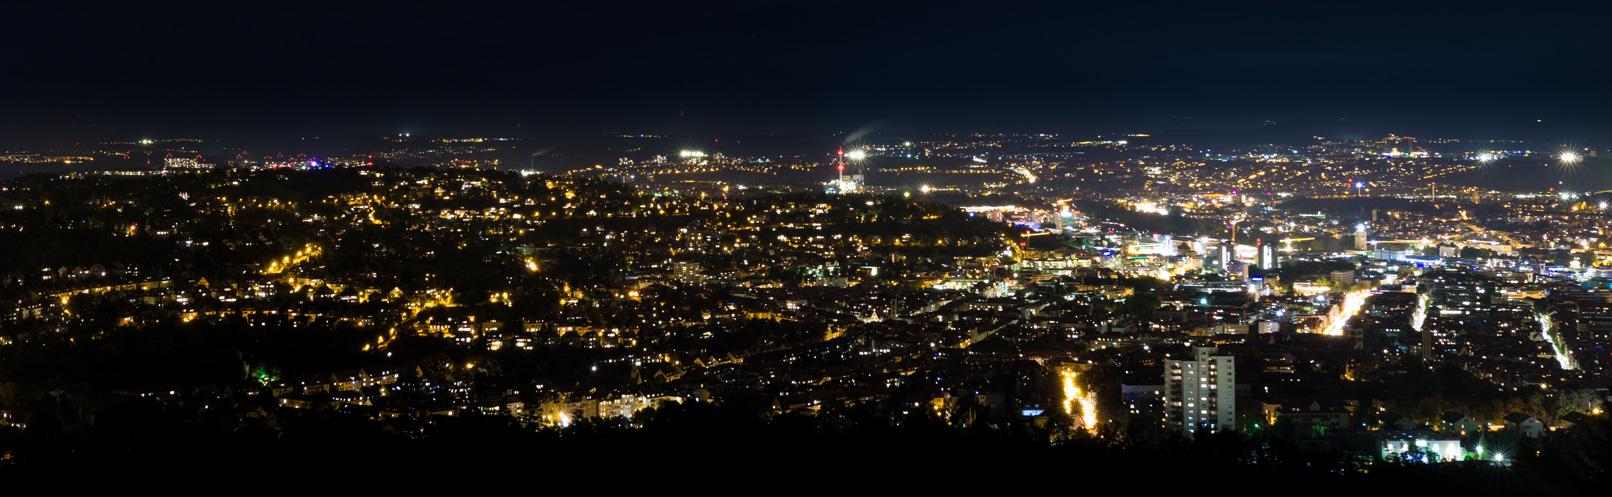 Panaroma einer Stadt bei Nacht – im Training wird gezeigt, worauf bei der Erstellung von Panoramen zu achten ist.